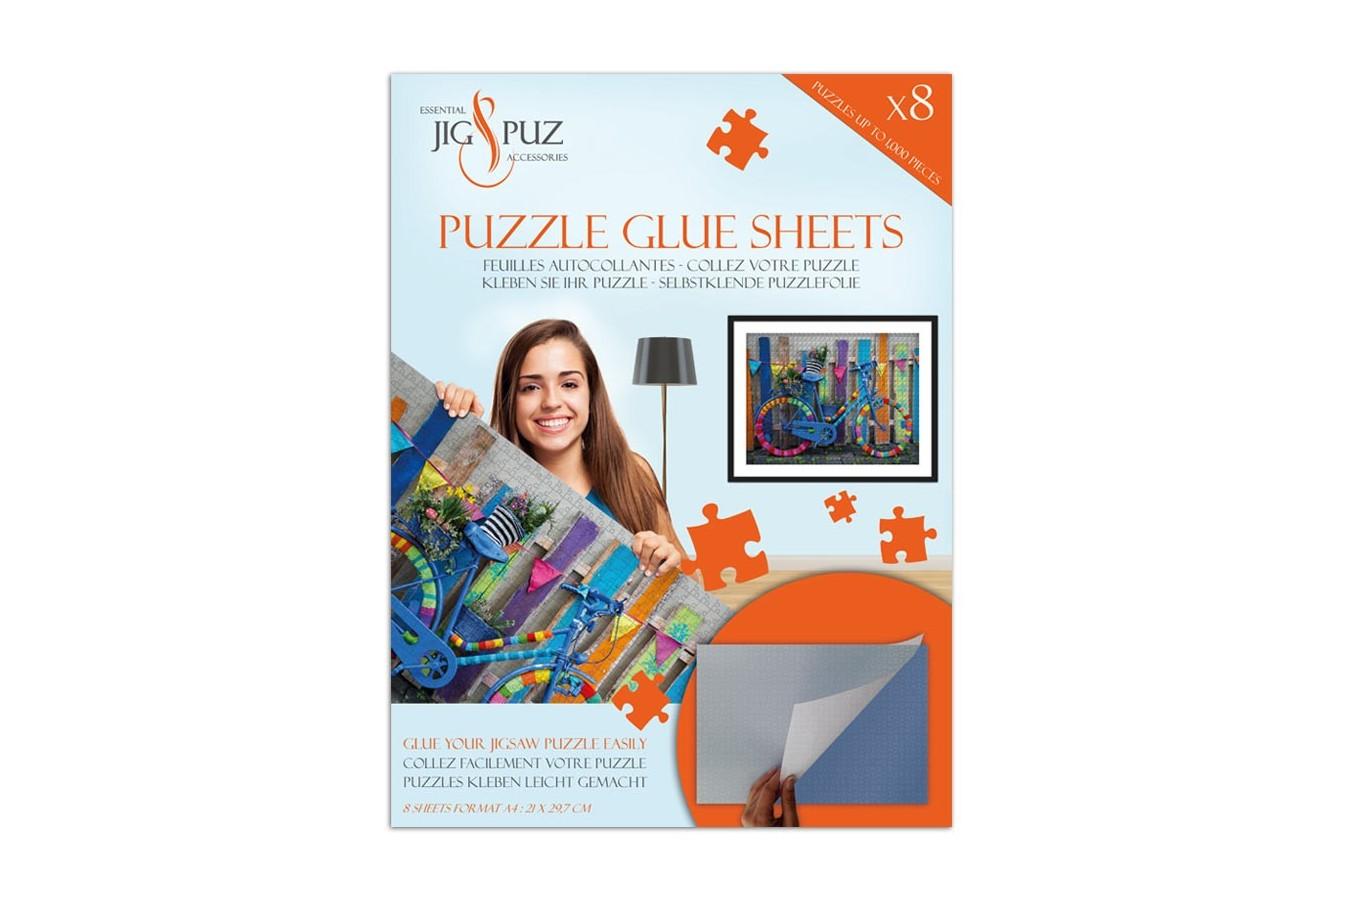 Folii pentru lipit puzzle 1000 piese Jig & Puz imagine